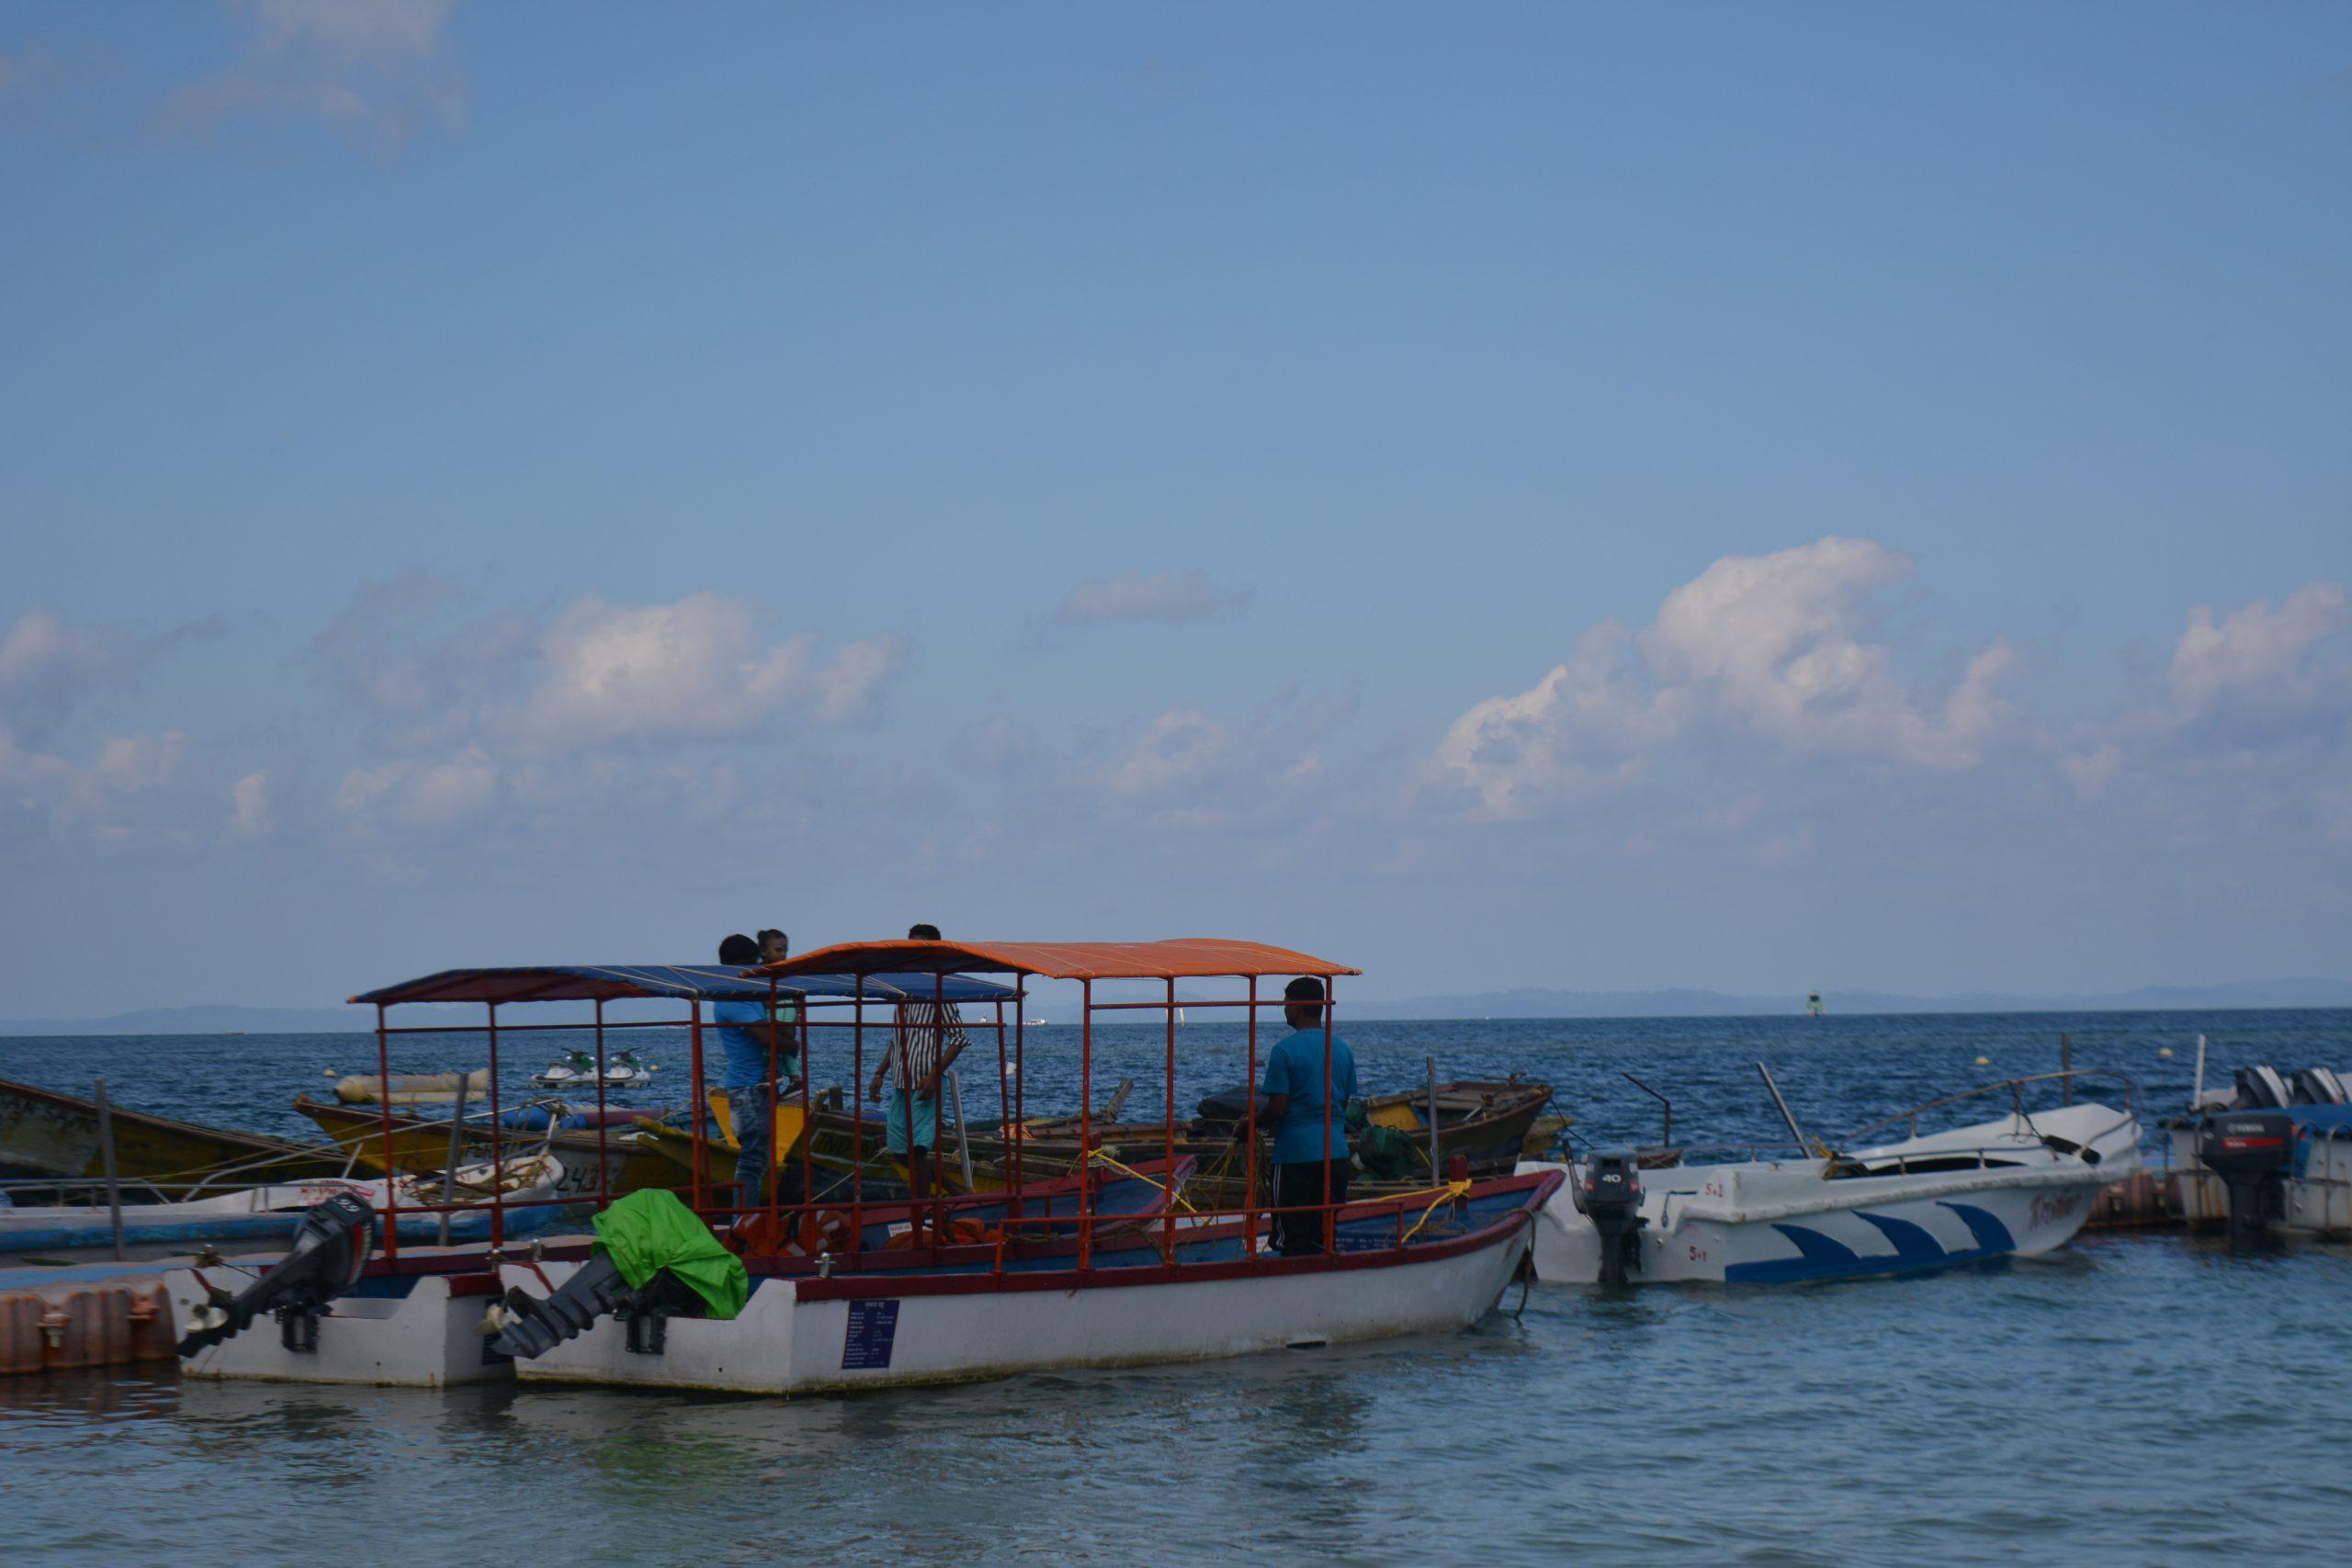 Passenger boat at a beach